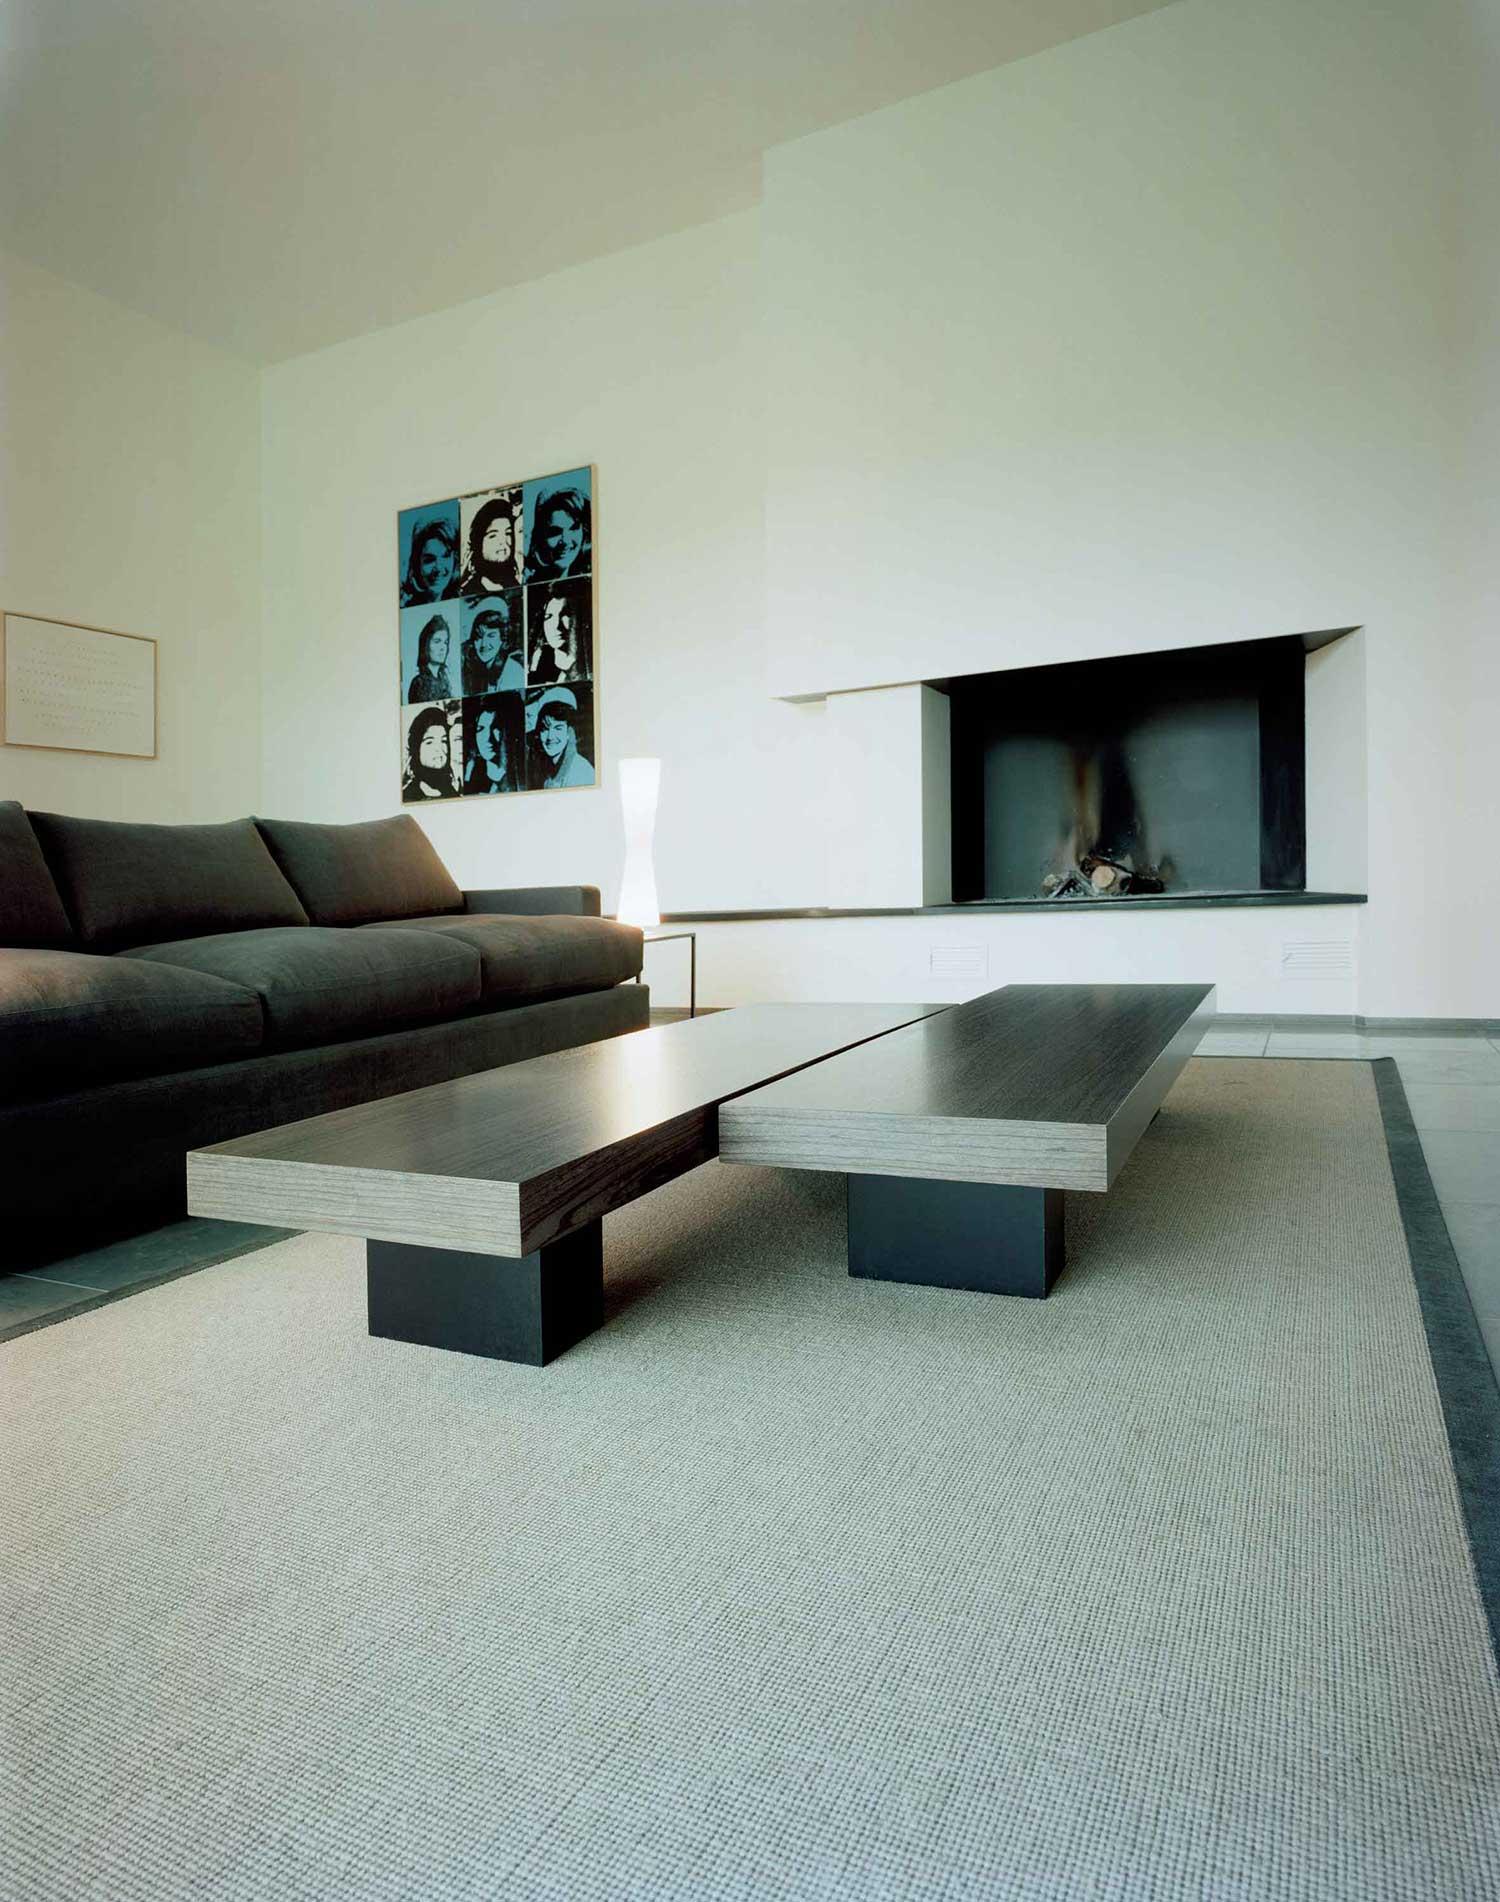 001-iria-degen-interiors-house-zurich6.jpg